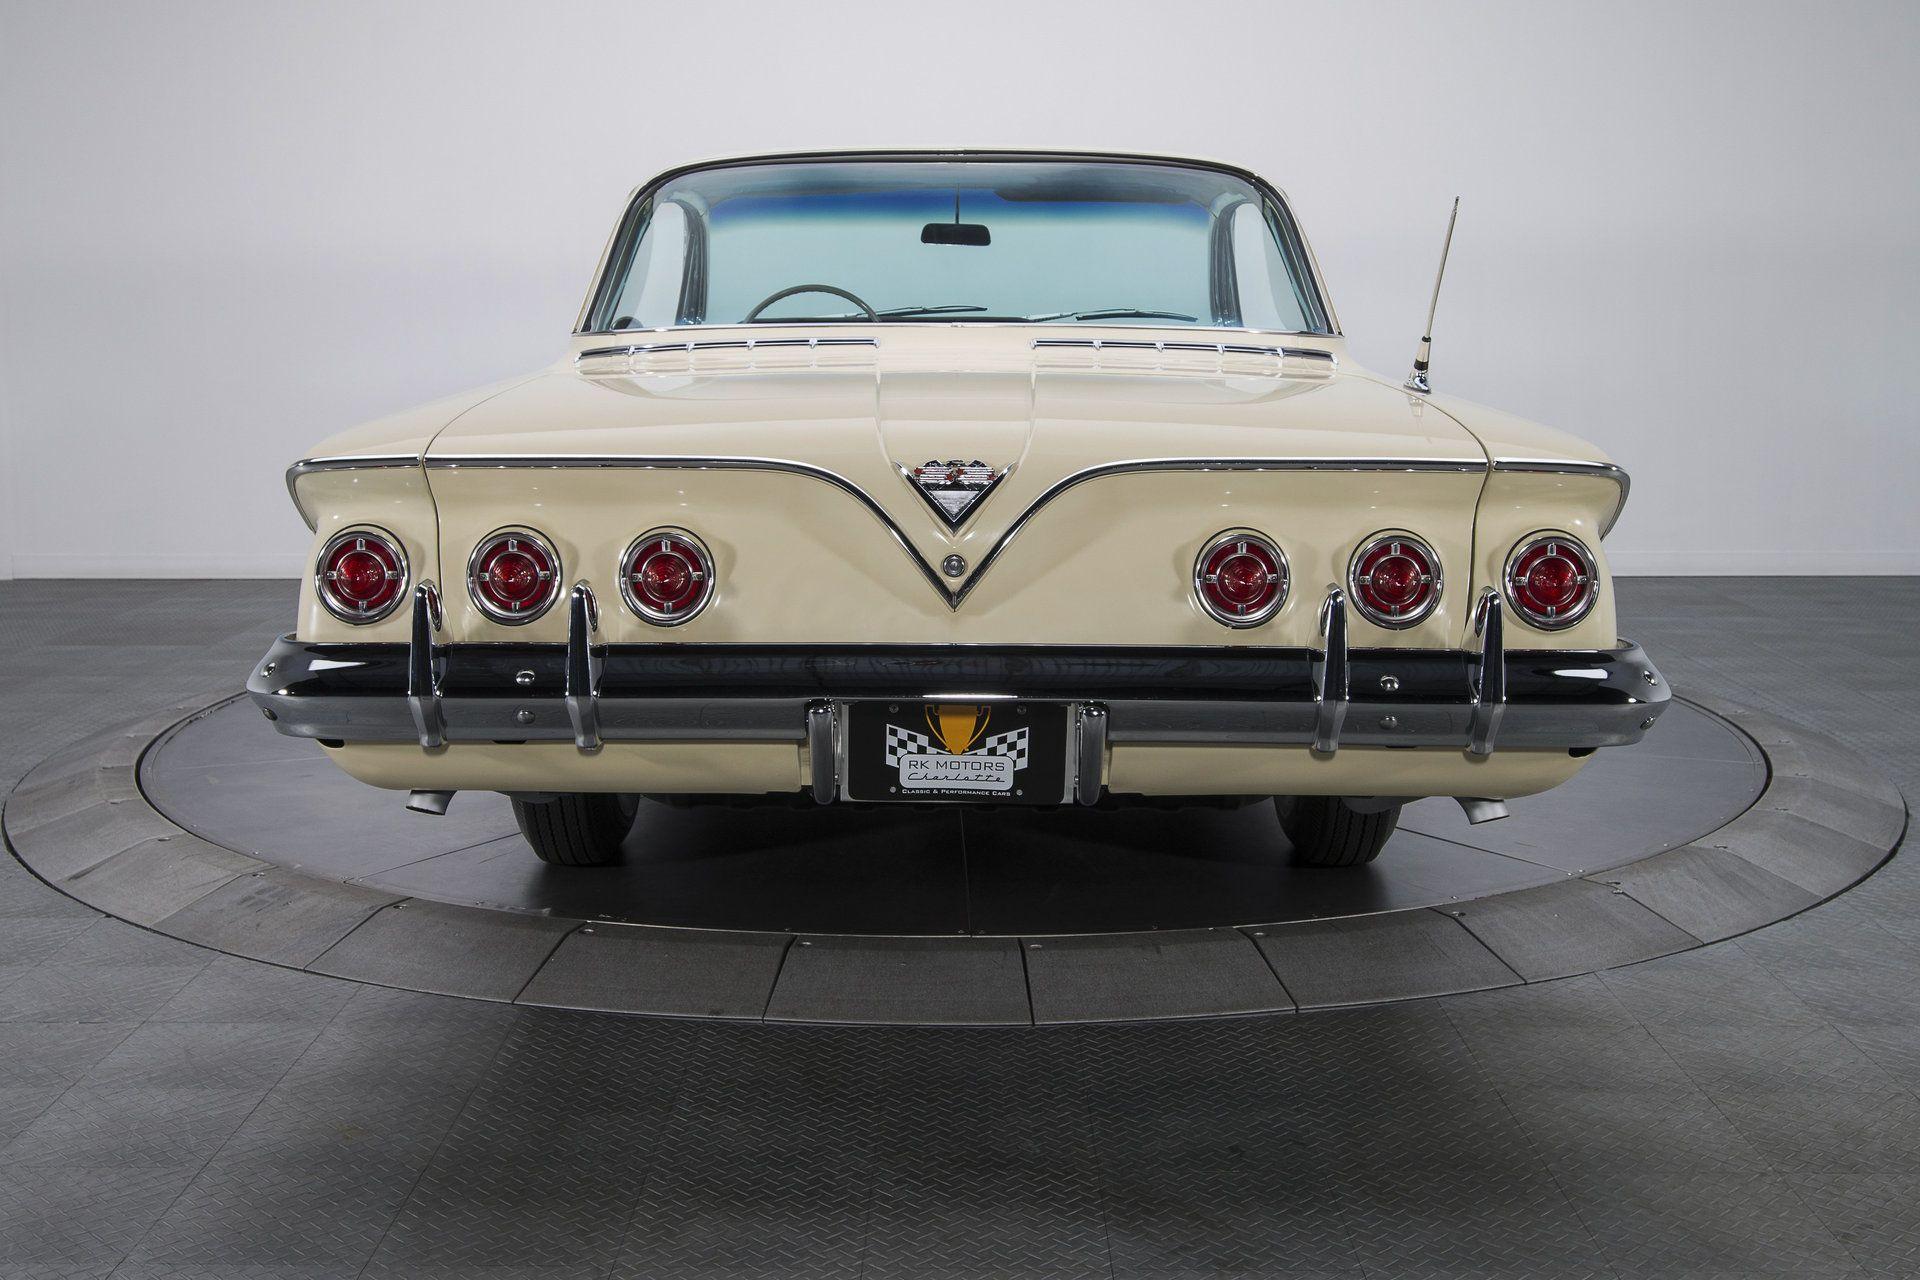 1961 Chevrolet Impala 55 659 Actual Mile California Impala Bubbletop 348 V8 4 Speed Factory A C Chevrolet Impala Chevy Impala Impala